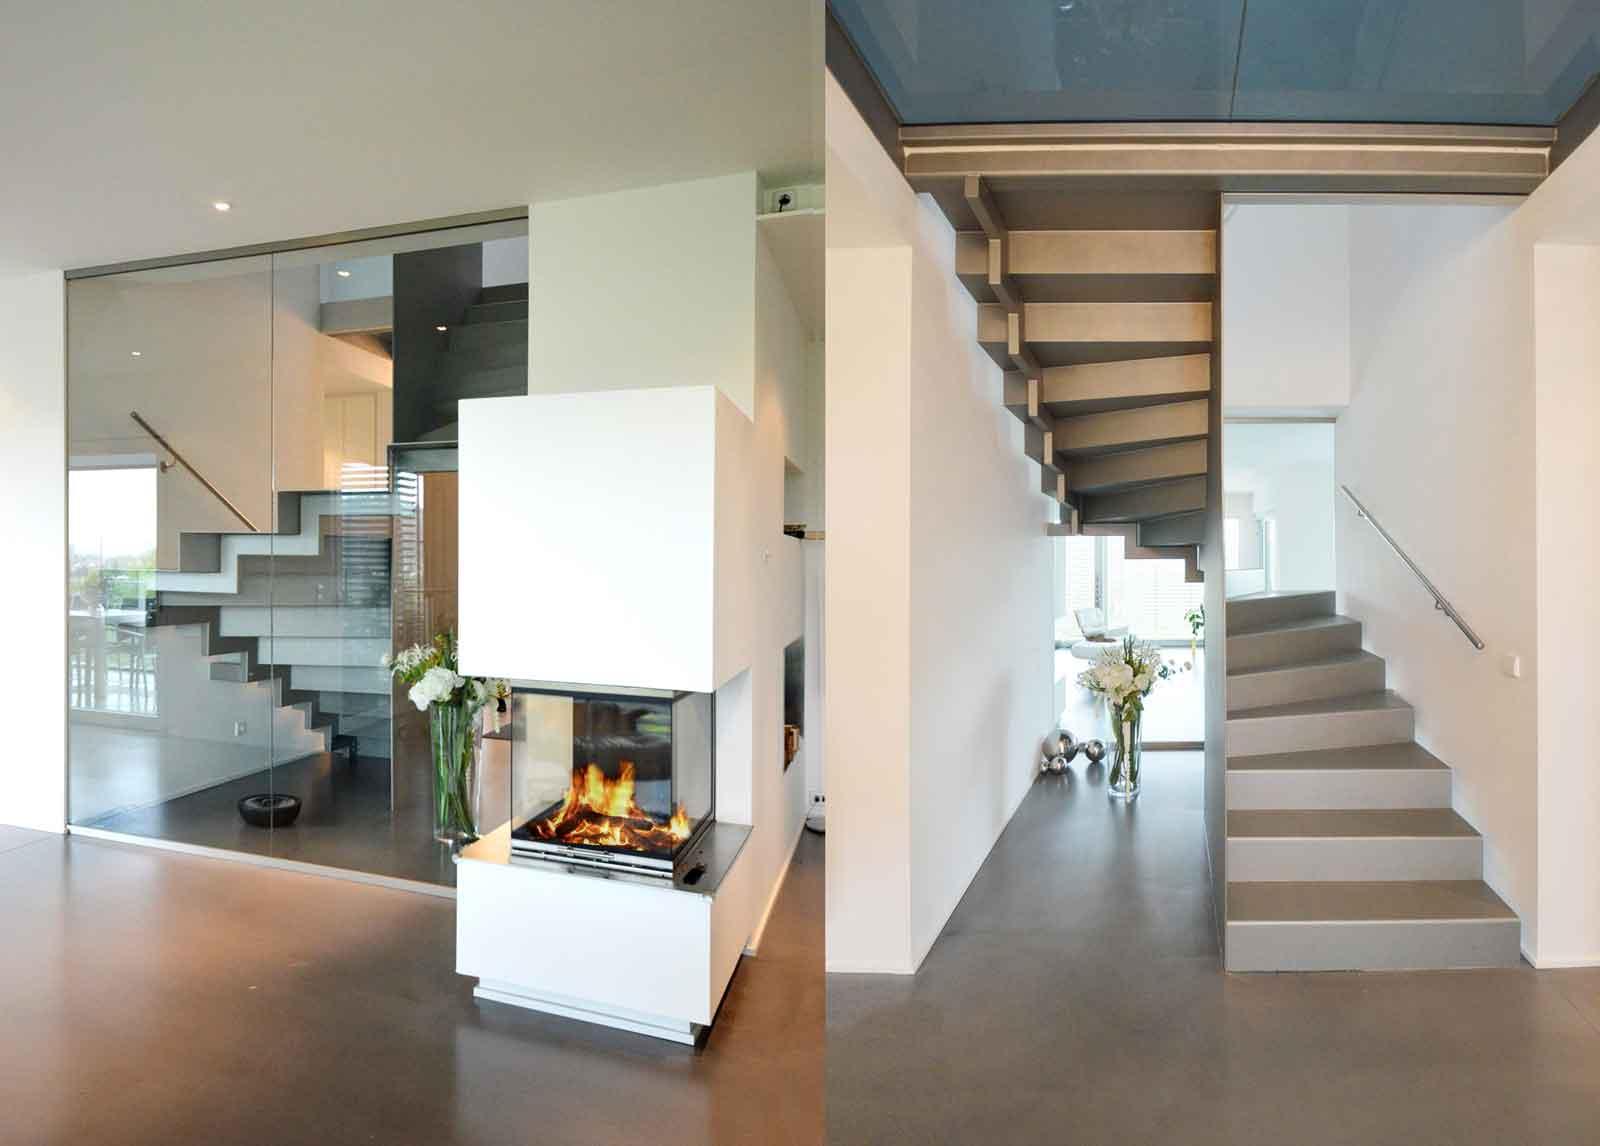 Einfamilienhaus Mit Garage : einfamilienhaus mit garage in l rrach hauingen nahe schweiz architekturb ro herzog ~ Watch28wear.com Haus und Dekorationen